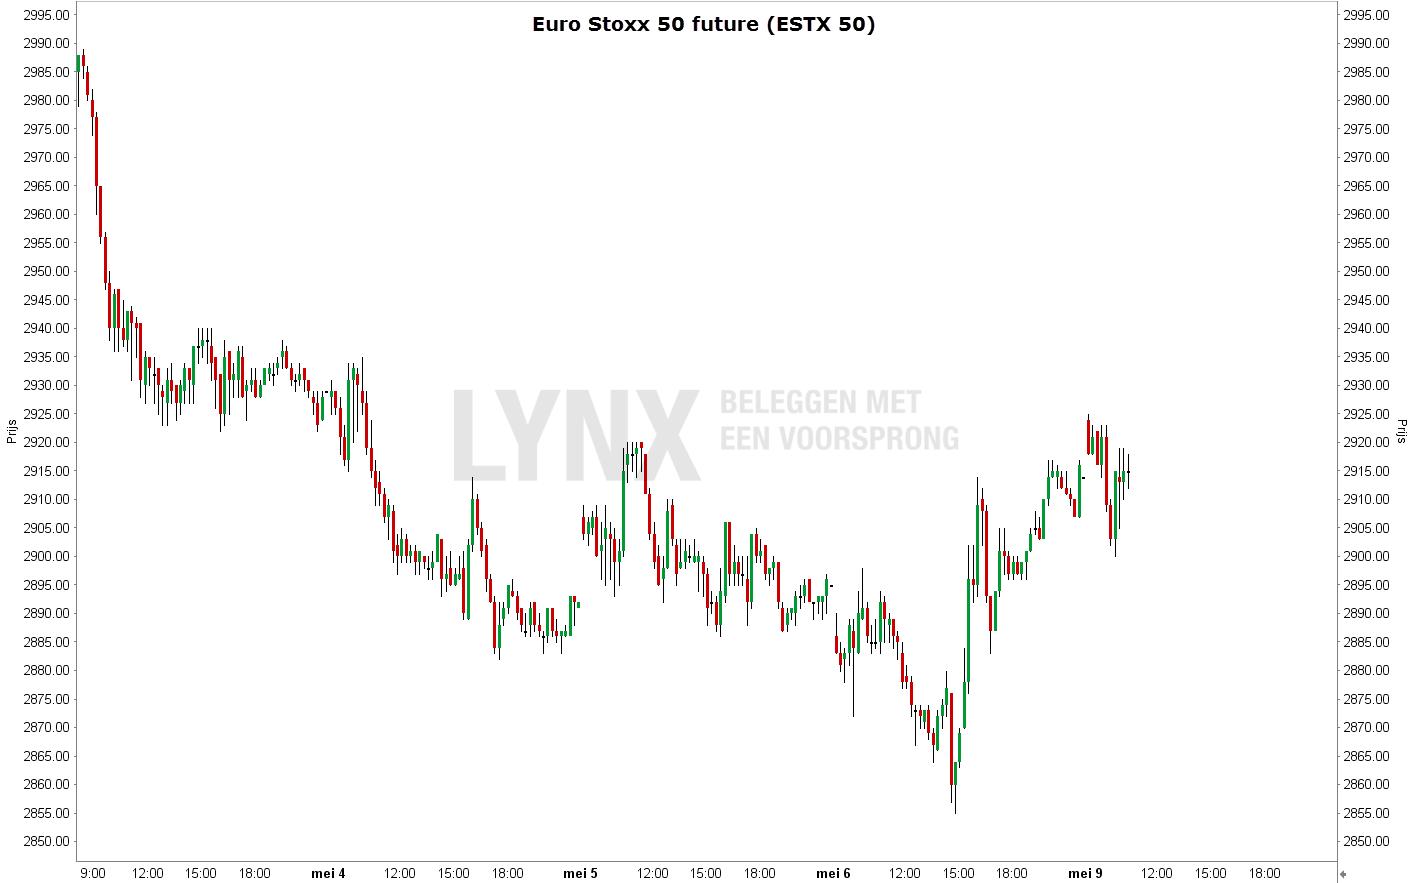 Stop loss order en een koersdoel Euro Stoxx 50 future